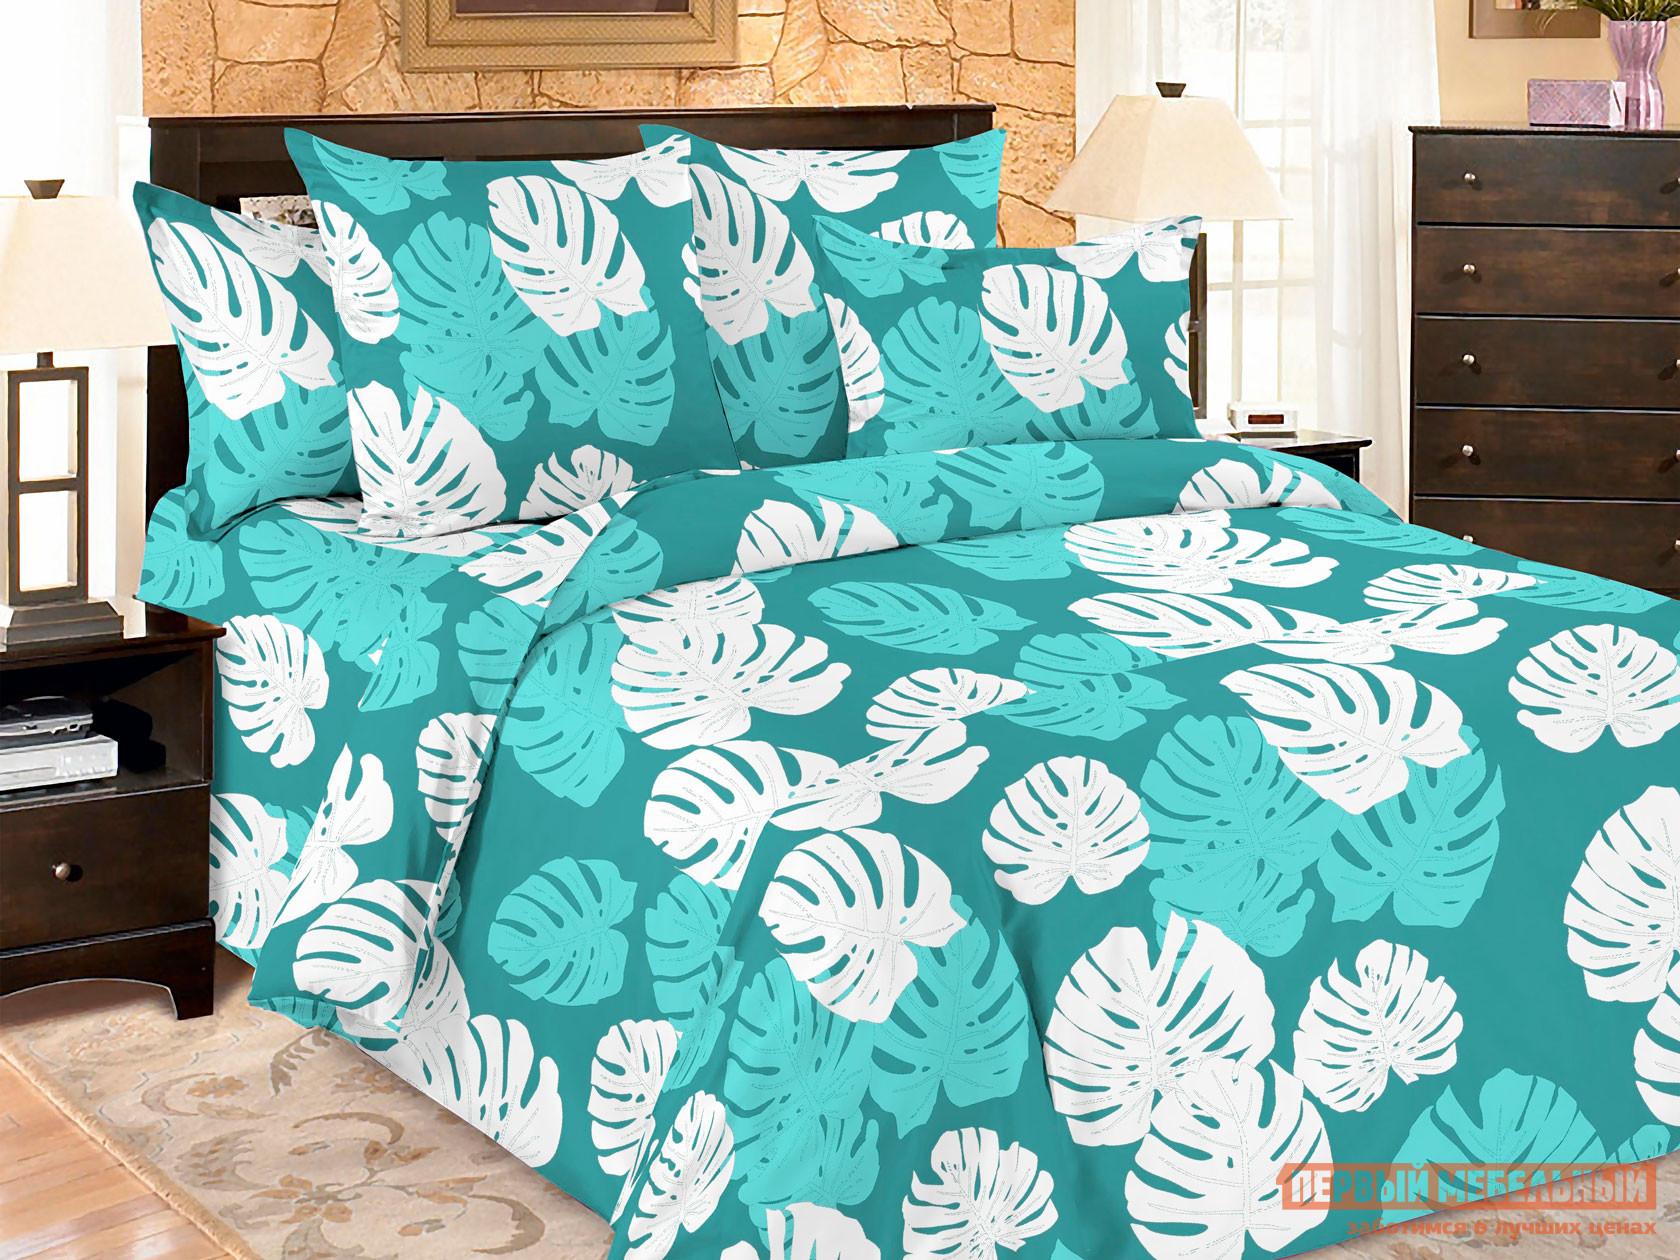 Комплект постельного белья  КПБ Amore Mio BZ Leaves Ливс, микрофибра, Полутороспальный